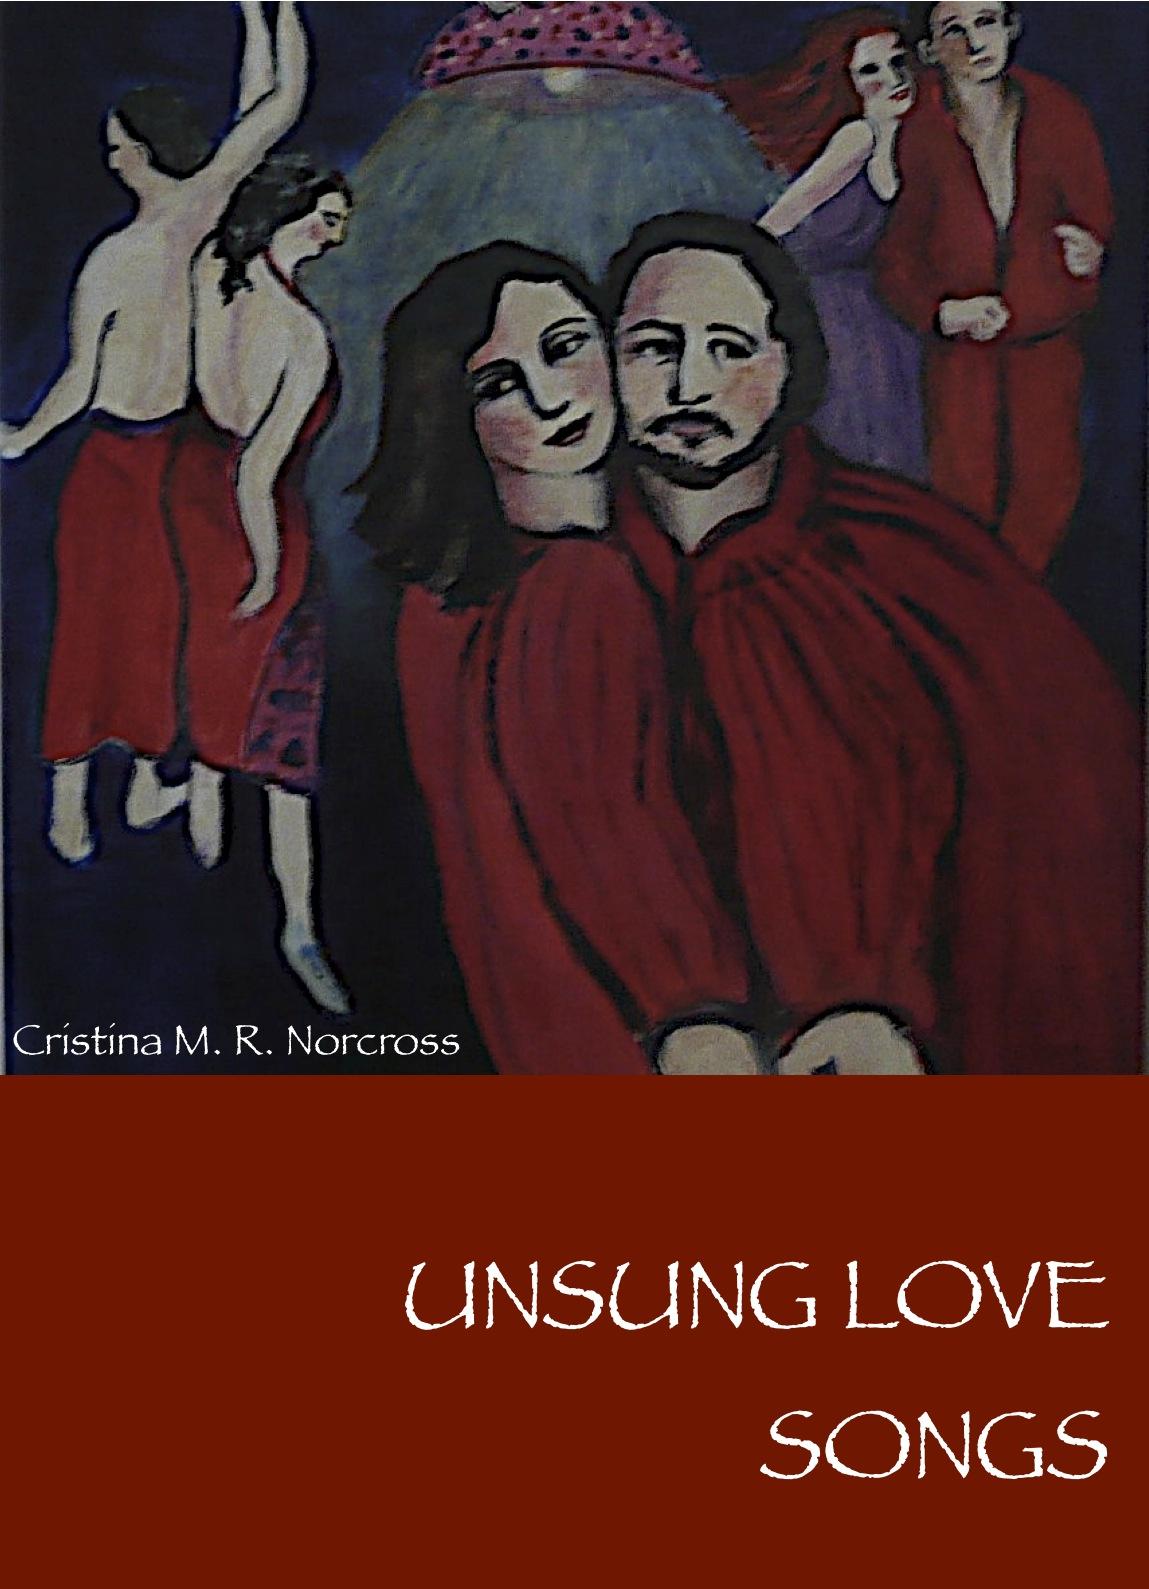 Unsung Book Cover Option1 vJN FINAL.jpg